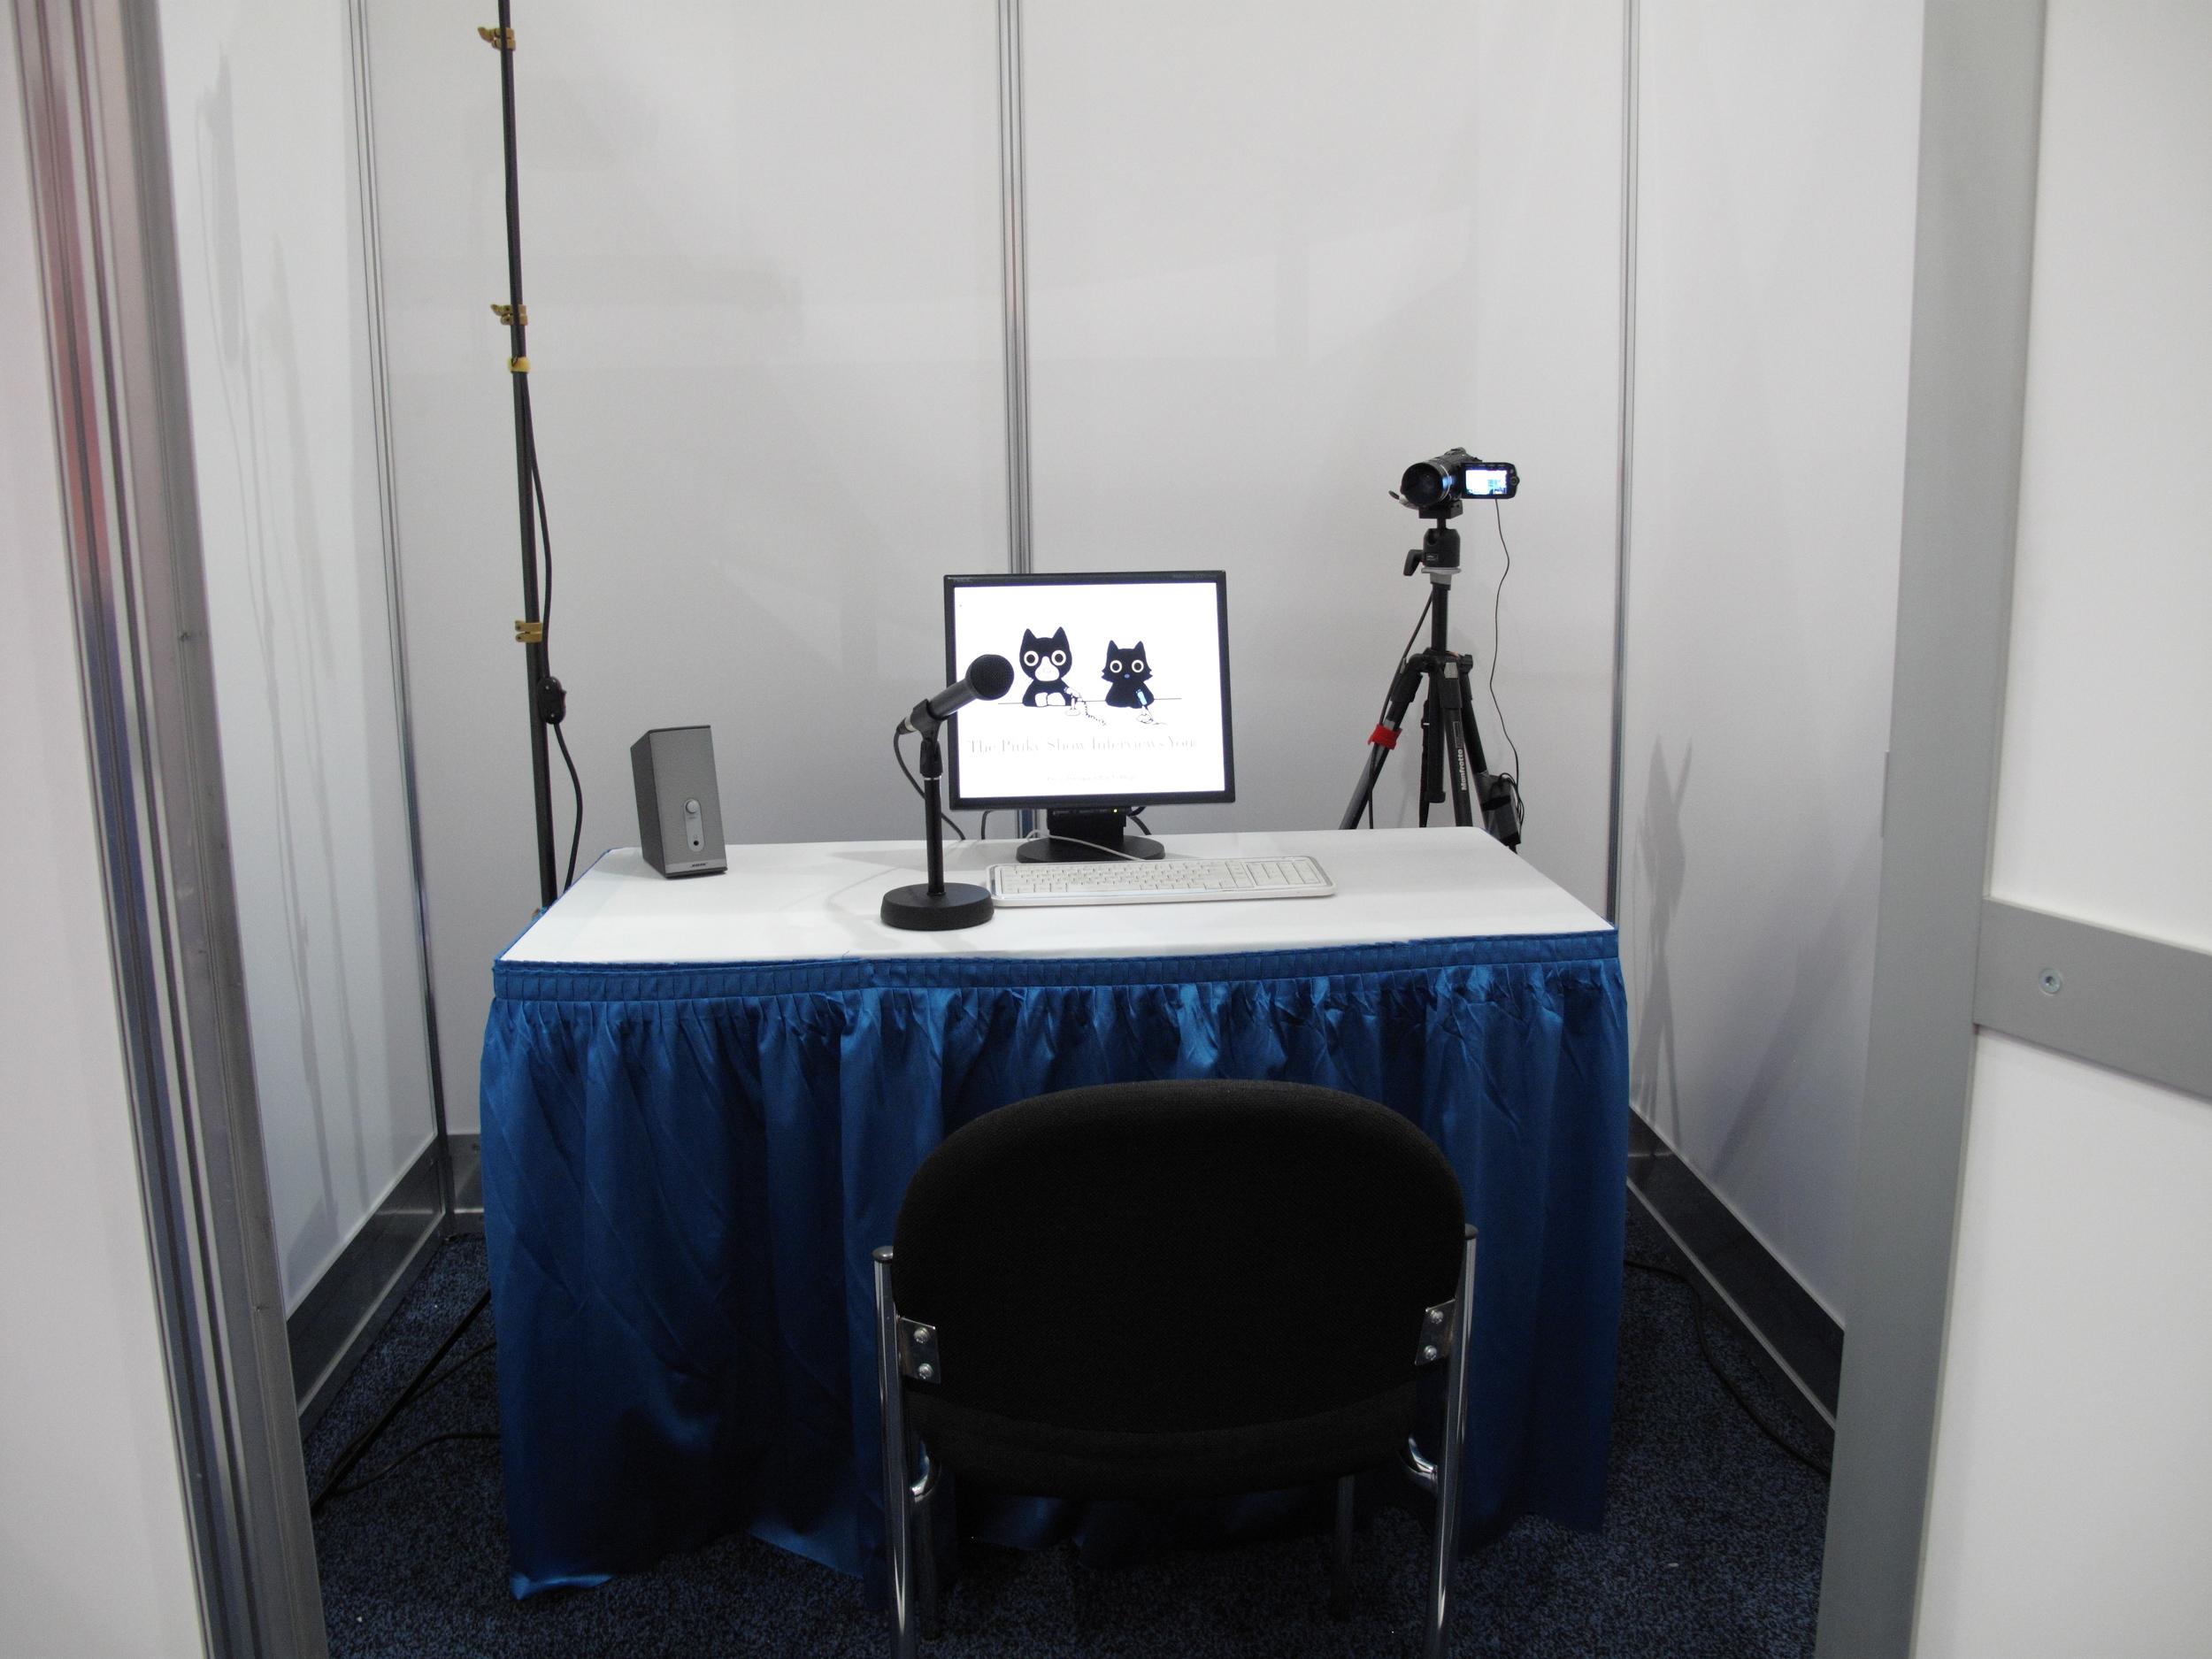 20100524_installation_4357.jpg